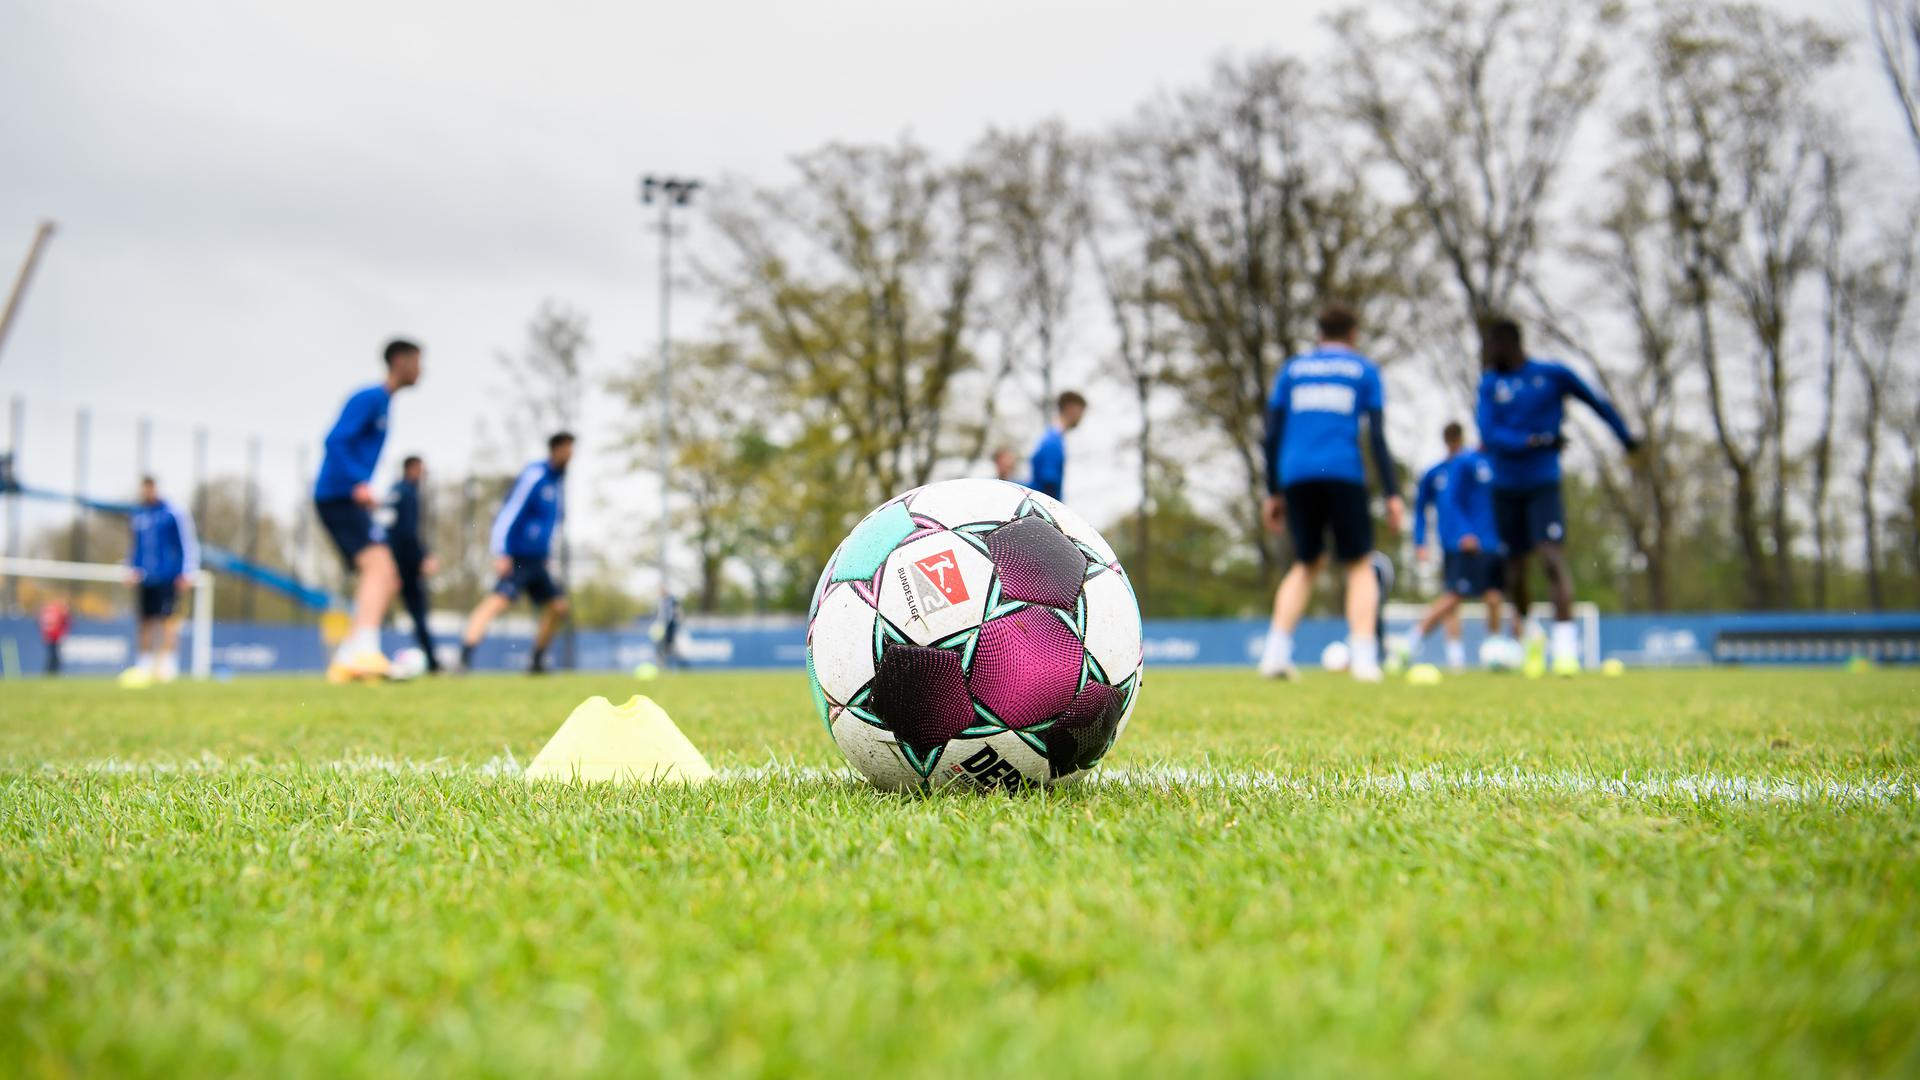 Üben für die nächste Saison: Beim Karlsruher SC endet der Urlaub der Profis am 20. Juni. Zwischenzeitlich ist auch mehr über den Sommerfahrplan bekannt.